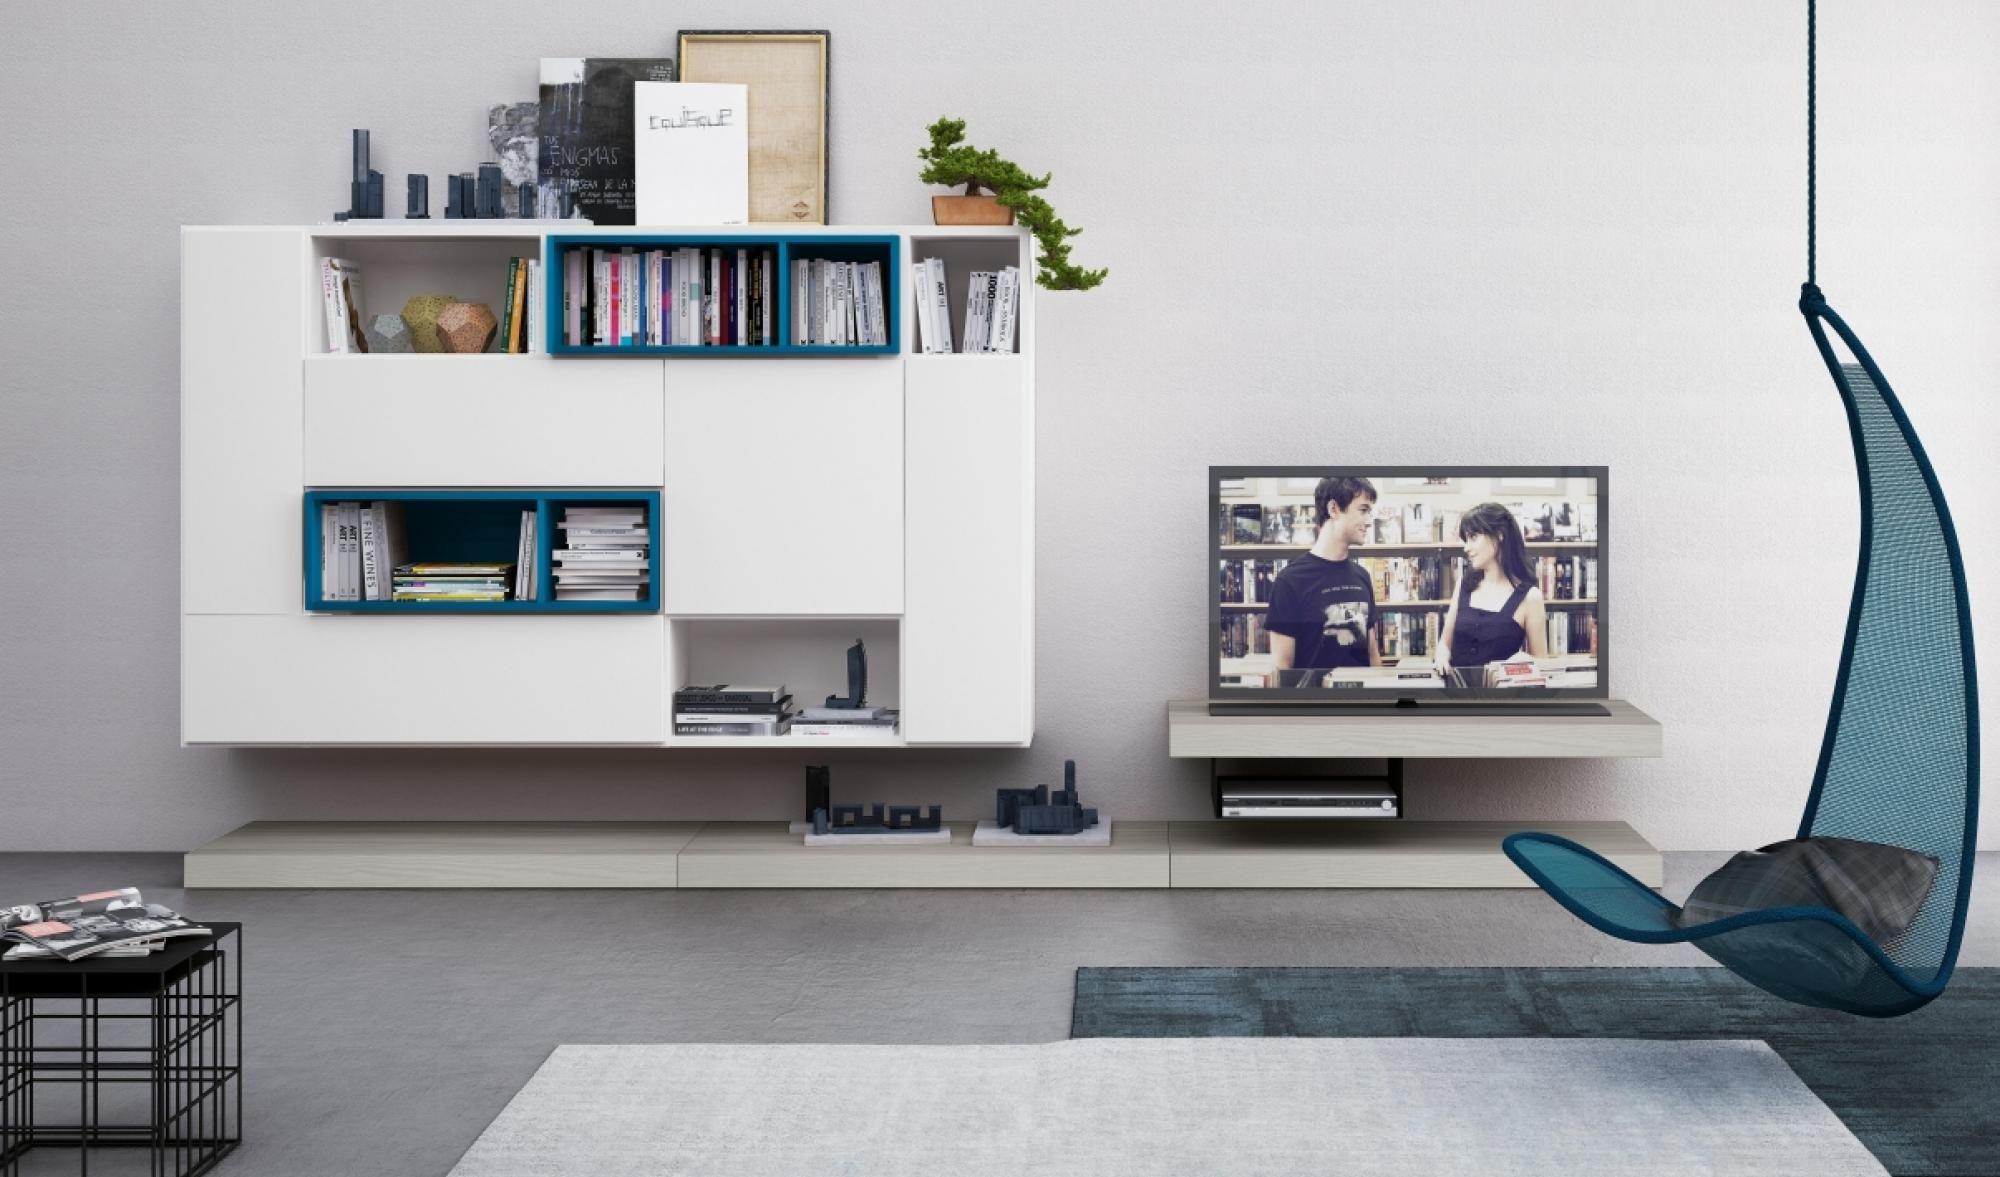 Soggiorno - Living - Colombini Casa - Vitality - composizione basi e ...